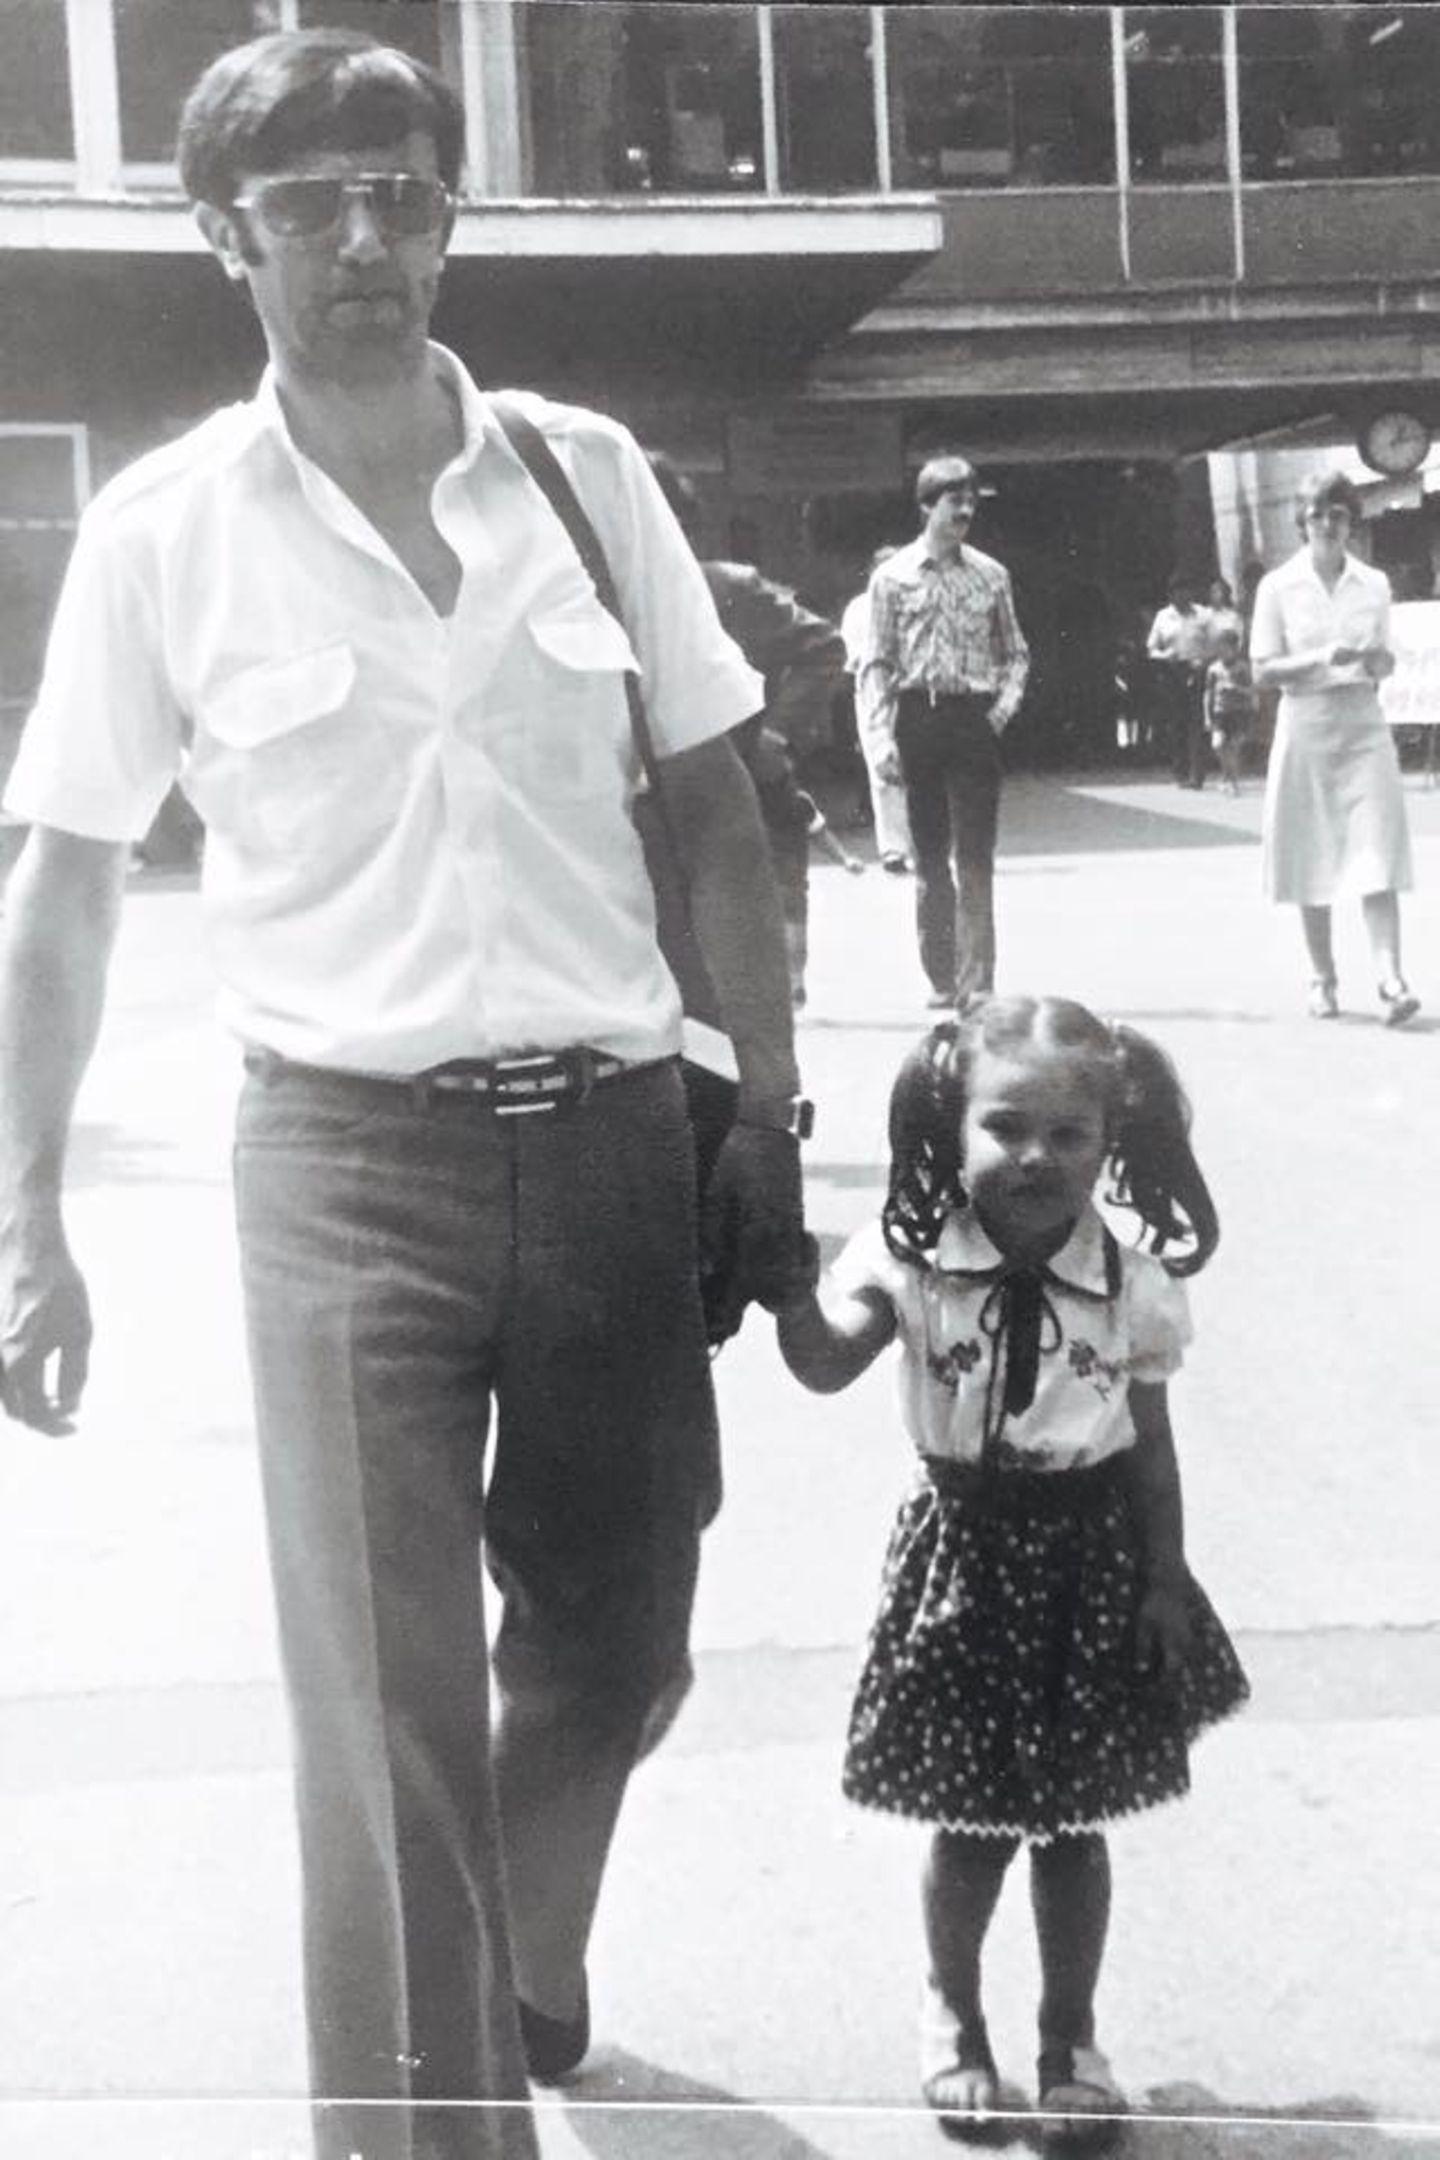 Ein herrlich süßes Foto aus der Kindheit schenkt uns Nazan Eckes. Darauf zu sehen ist die kleine Nazan an der Hand ihres Vaters, dem sie zum Vatertag gratuliert.